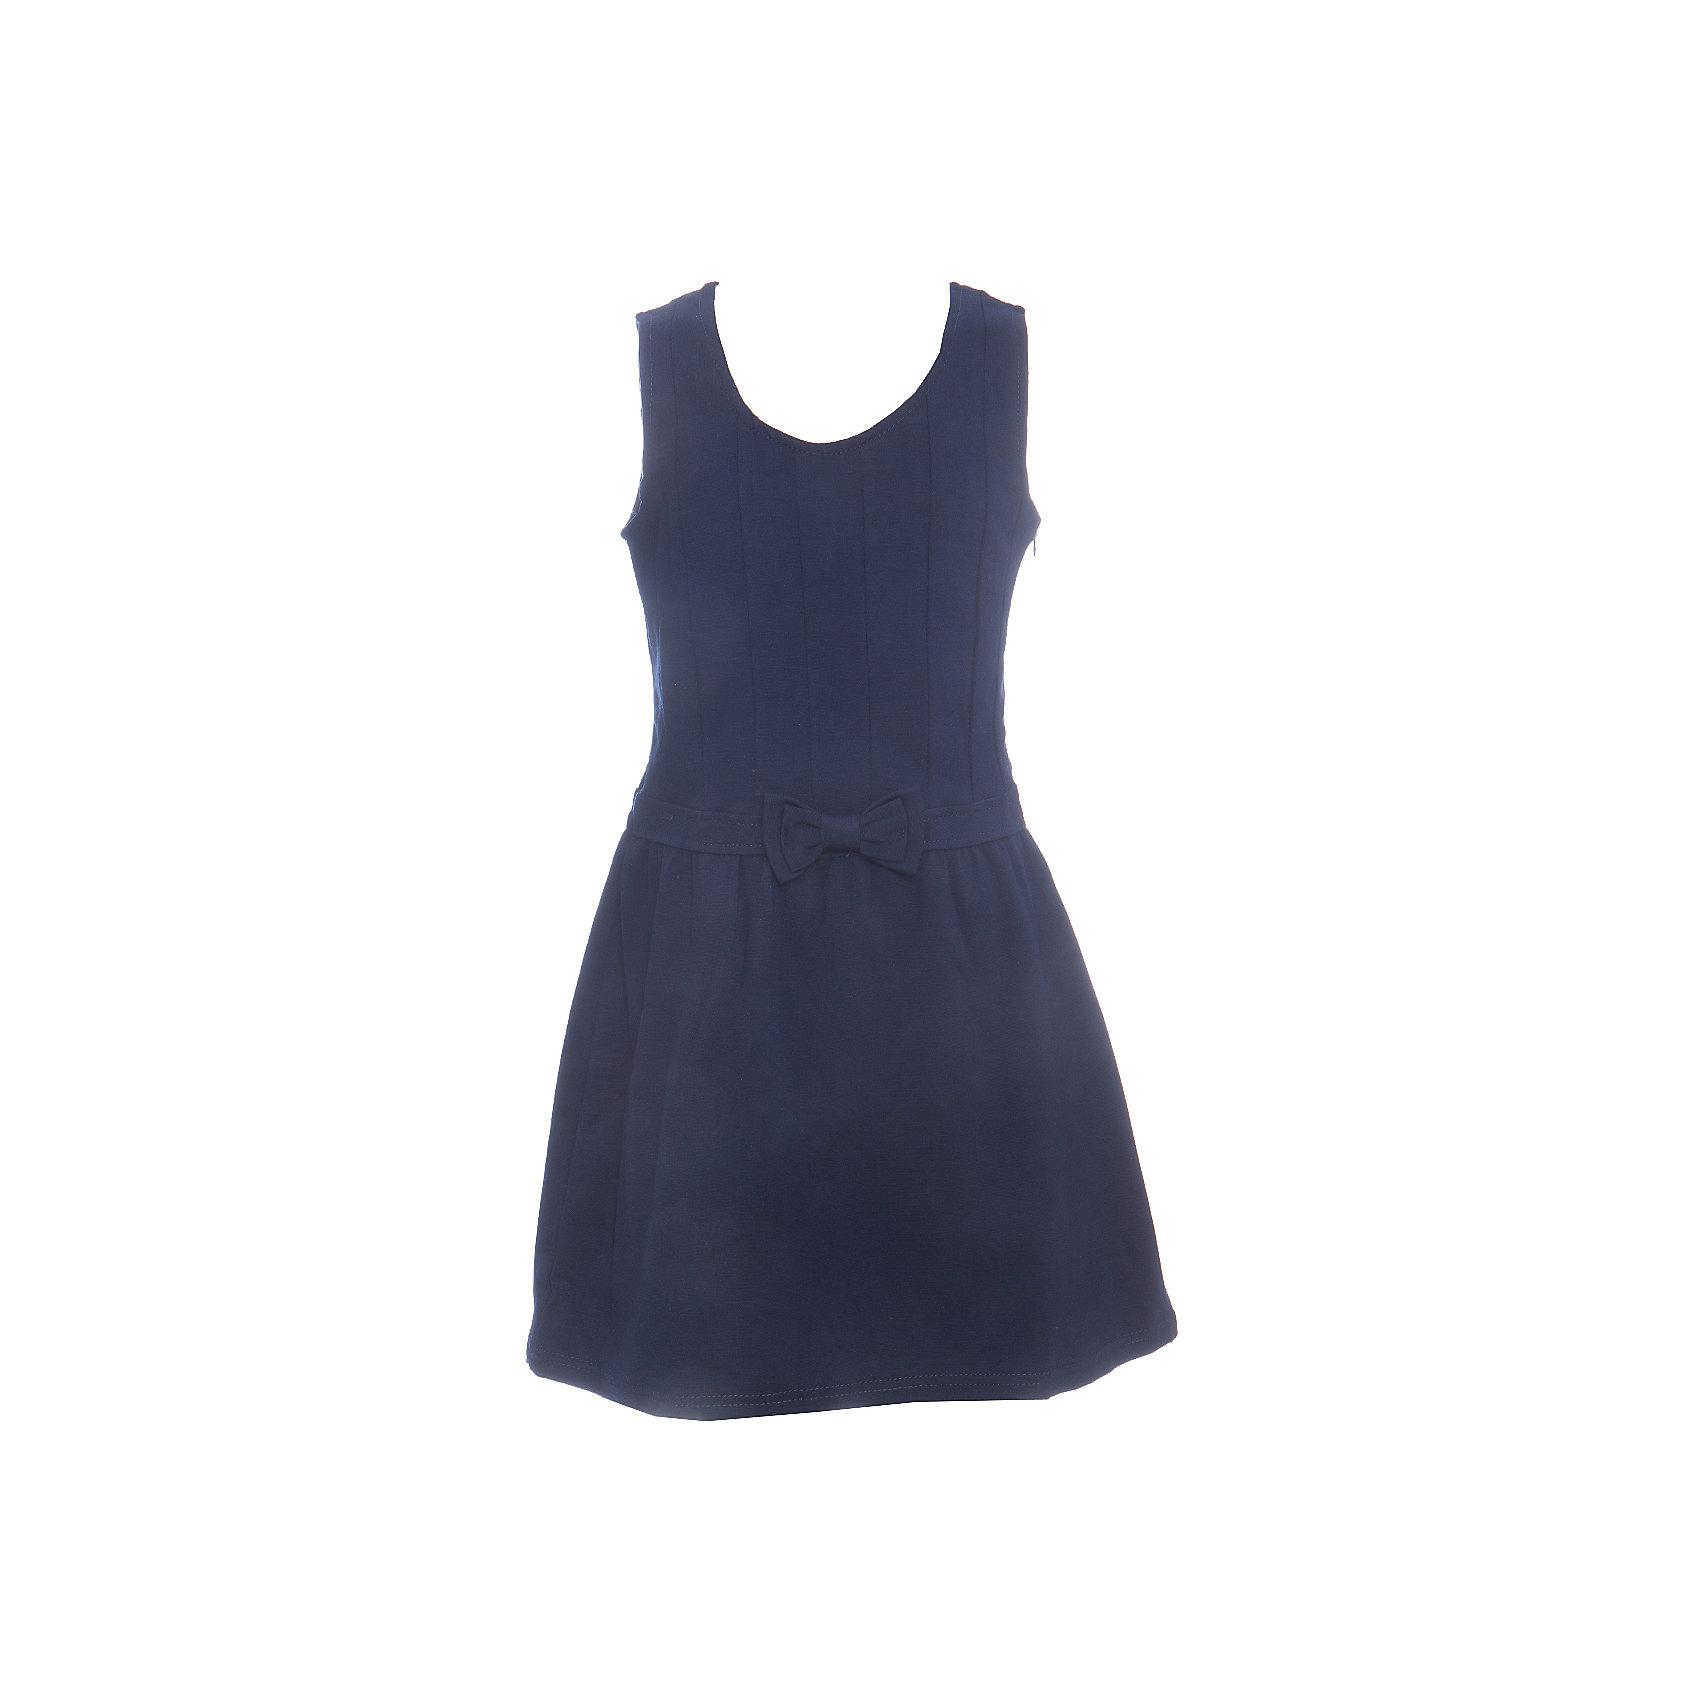 Платье для девочки LuminosoПлатья и сарафаны<br>Темно-синее трикотажное платье-сарафан для девочки приталенного кроя с овальным вырезом. Кокетка сарафана декорирована оригинальной строчкой. Талия украшена милым бантиком. Застегивается на потайную молнию.<br>Состав:<br>65% хлопок 30% полиэстер 5% эластан<br><br>Ширина мм: 236<br>Глубина мм: 16<br>Высота мм: 184<br>Вес г: 177<br>Цвет: синий<br>Возраст от месяцев: 72<br>Возраст до месяцев: 84<br>Пол: Женский<br>Возраст: Детский<br>Размер: 122,164,158,152,146,140,134,128<br>SKU: 6672797